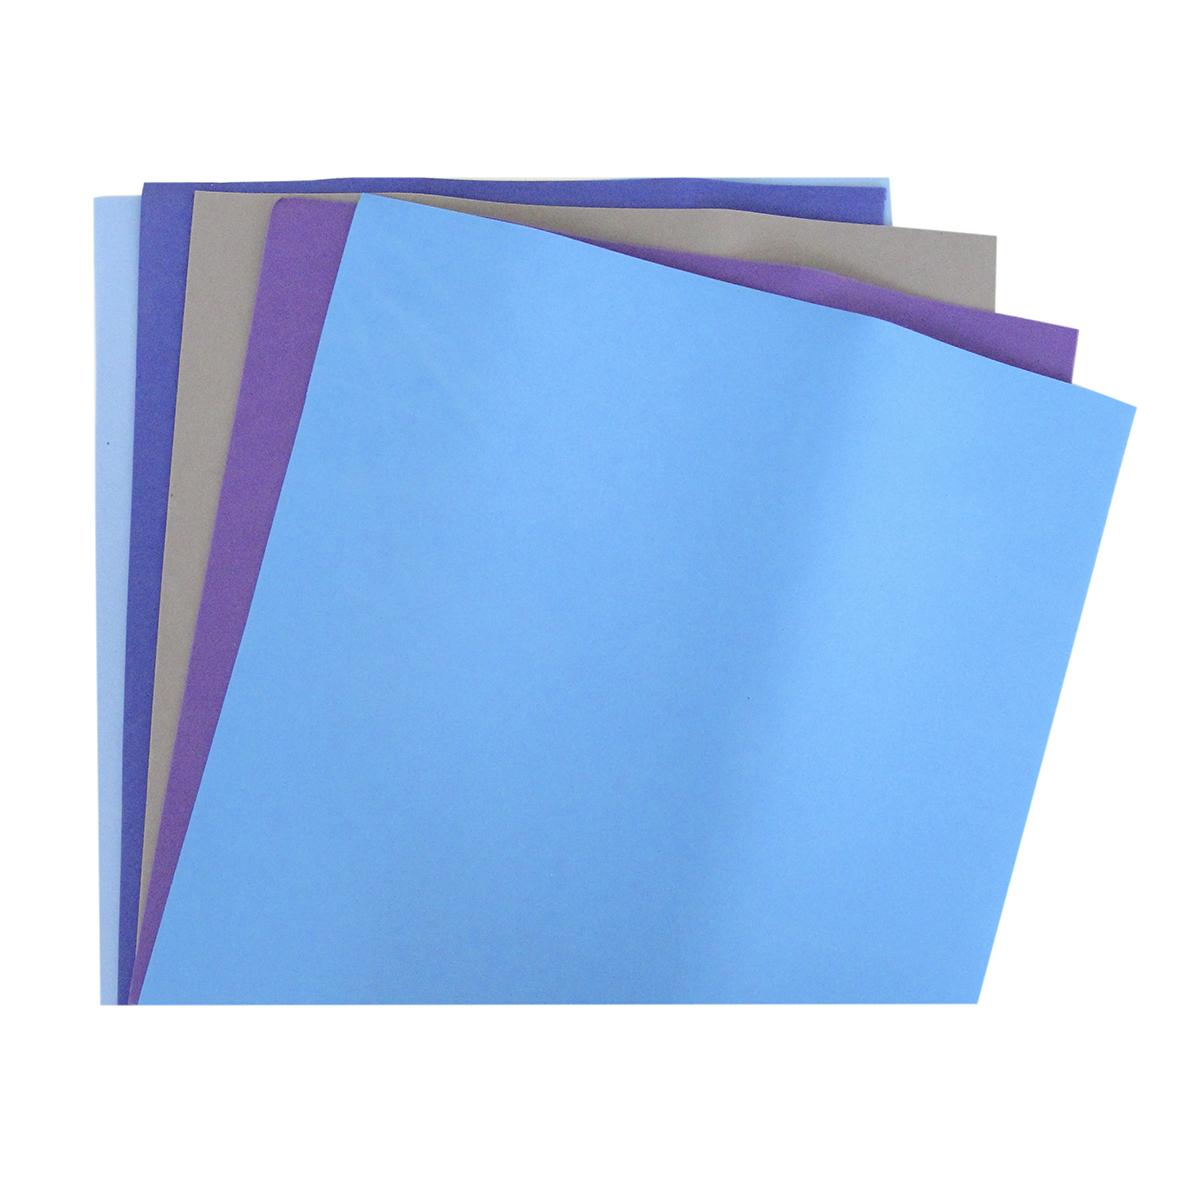 Фоамиран Астра, цвет: серо-синий, 25 х 25 см, 5 шт583540_ф-0001 серо-синийФоамиран Астра - это пластичная замша, ее можно применить для создания разнообразного вида декора: открытки, магнитики, цветы, забавные игрушки и т.д. Главная особенность материала фоамиран заключается в его способности к незначительному растяжению, которого вполне достаточно для запоминания изделием своей формы.На ощупь мягкая синтетическая замша очень приятна и податлива, поэтому работать с ней не составит труда даже начинающему.Размер ткани: 250 x 250 мм. В упаковке 5 штук.